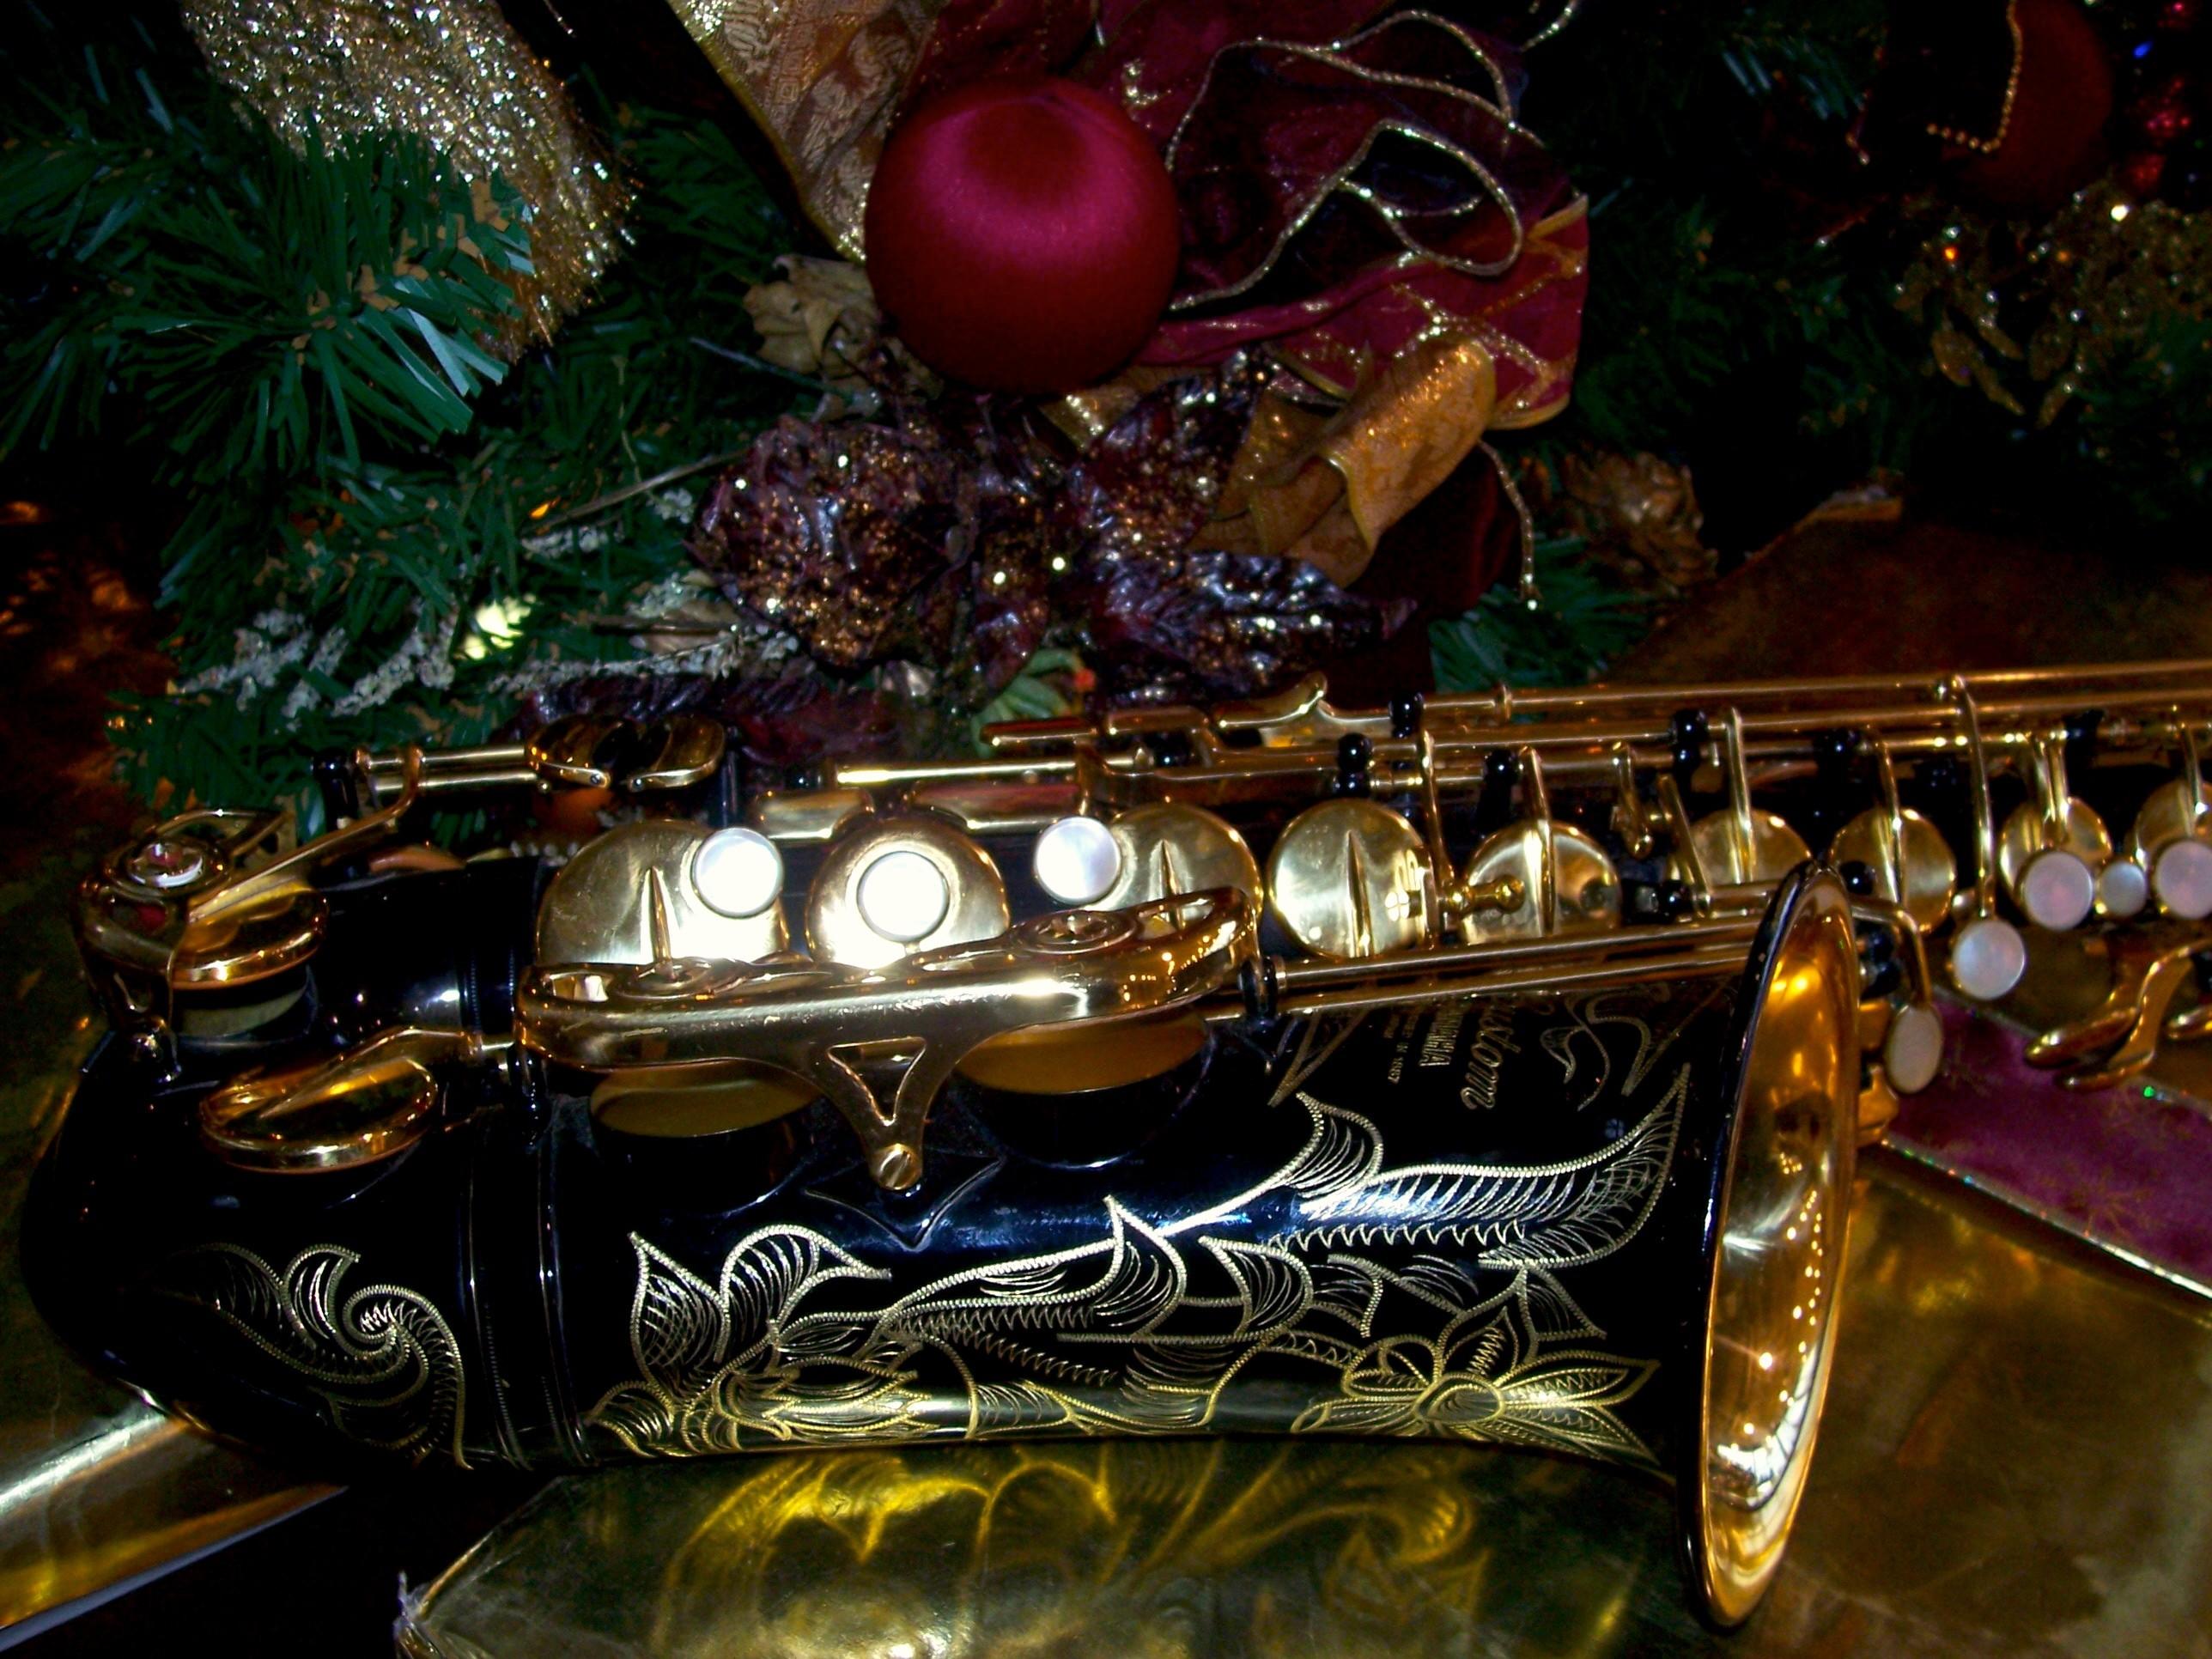 Contact Smooth Jazz Christmas, Xmas links, xmas sites